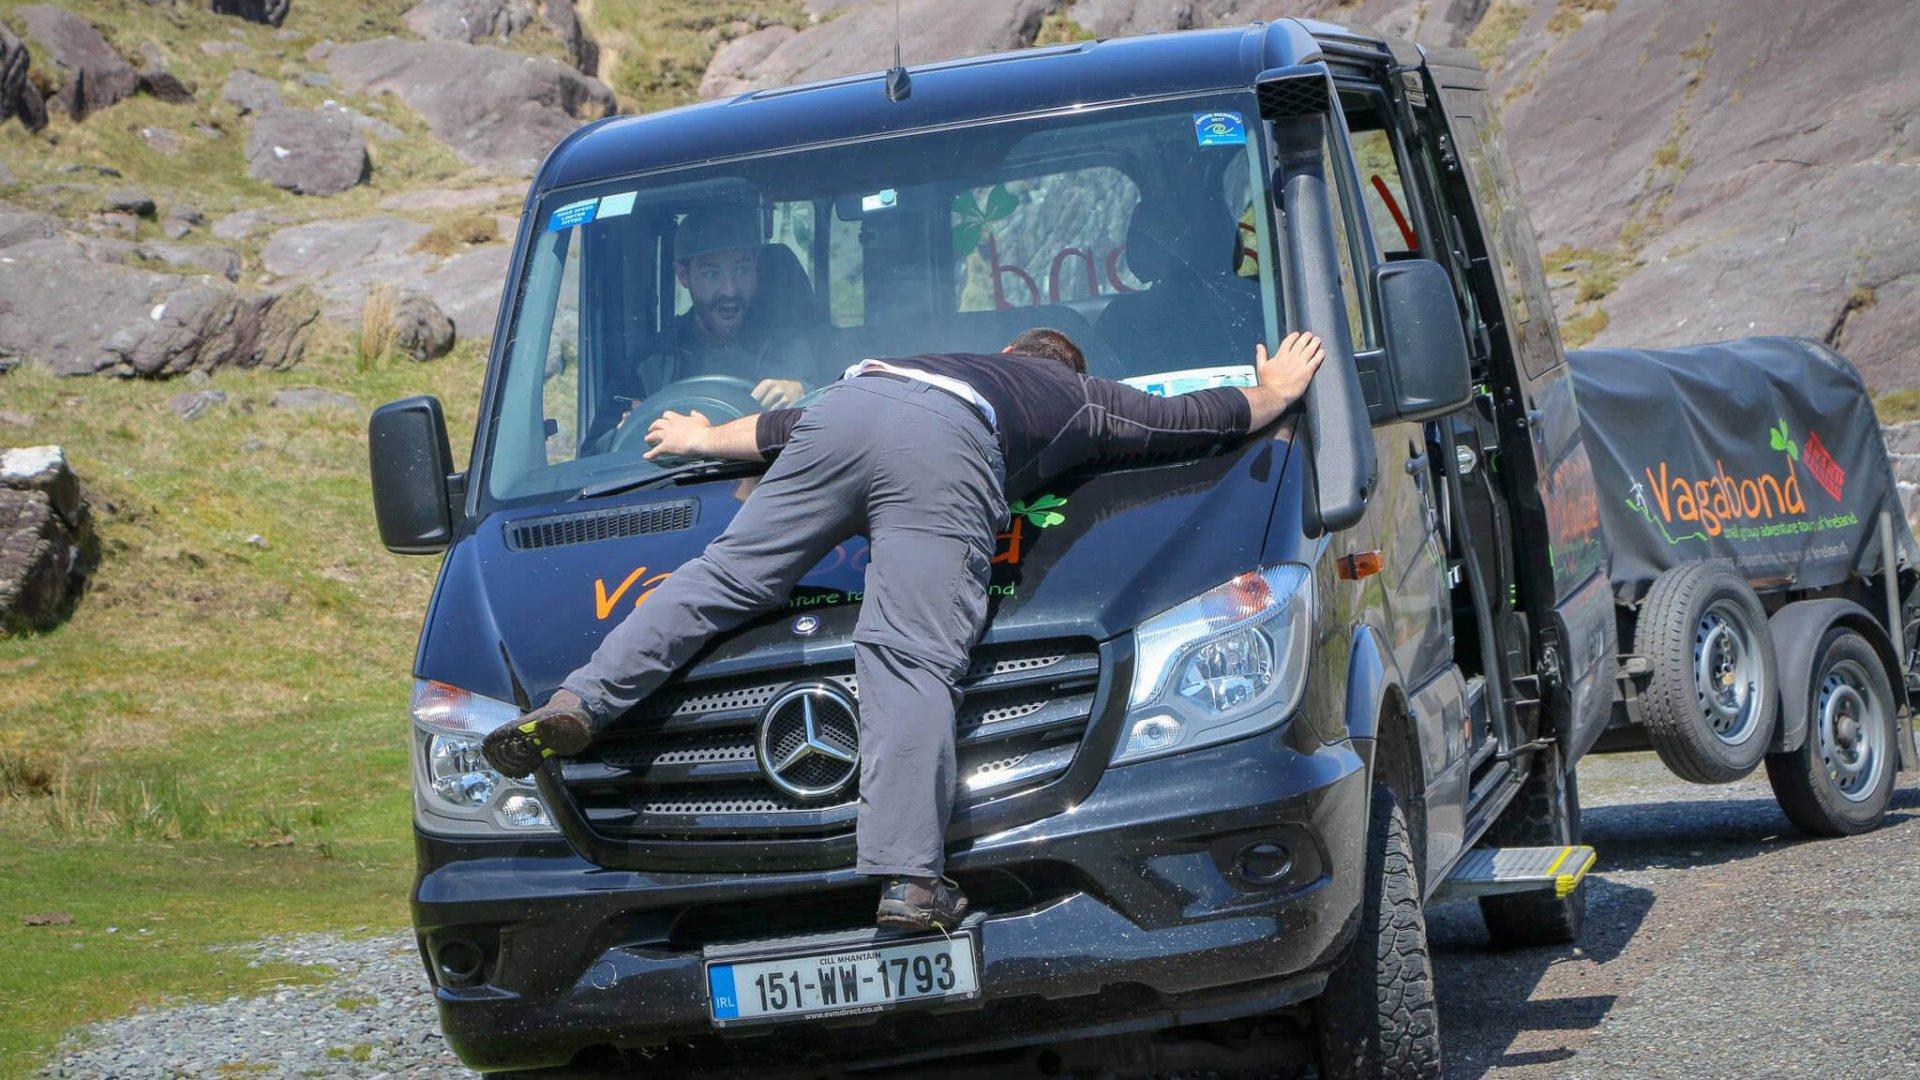 A Vagabond tour guide on the bonnet of Vagabond tour vehicle